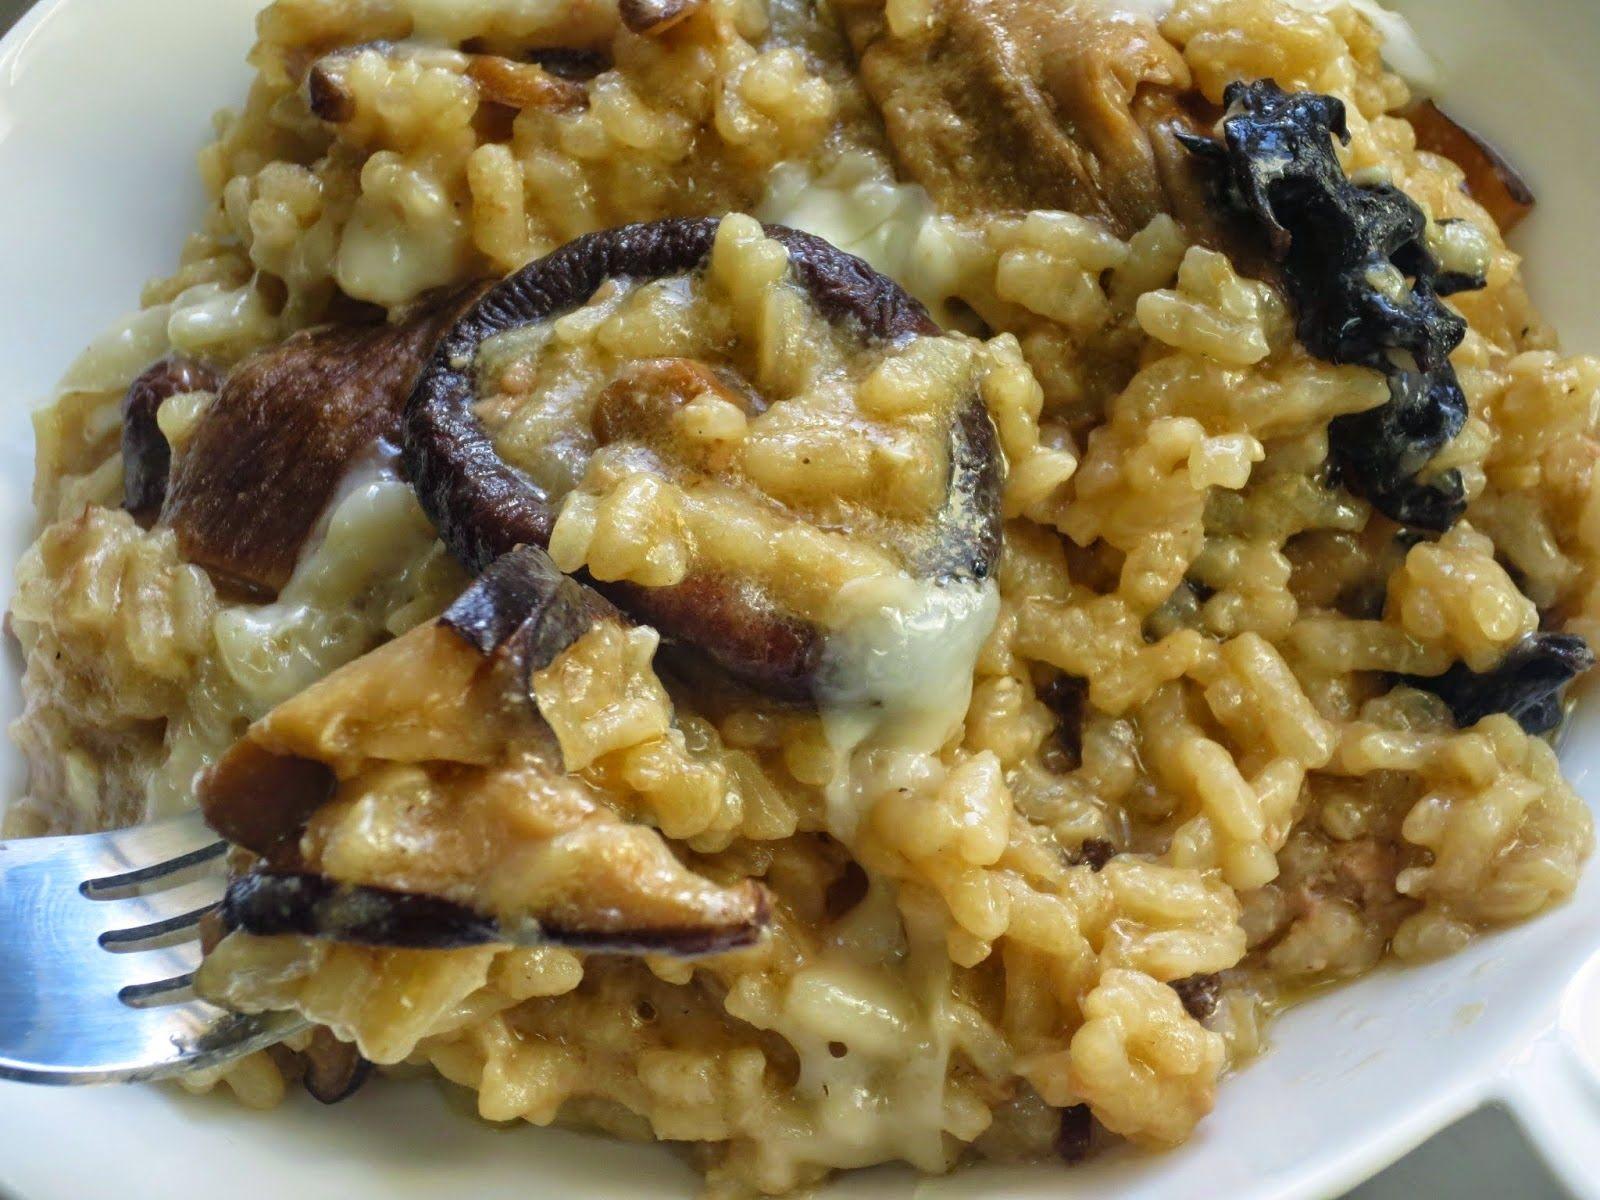 Risotto De Setas Y Foie Ana Sevilla Cocina Tradicional Risotto De Setas Recetas De Cocina Sana Recetas Con Arroz